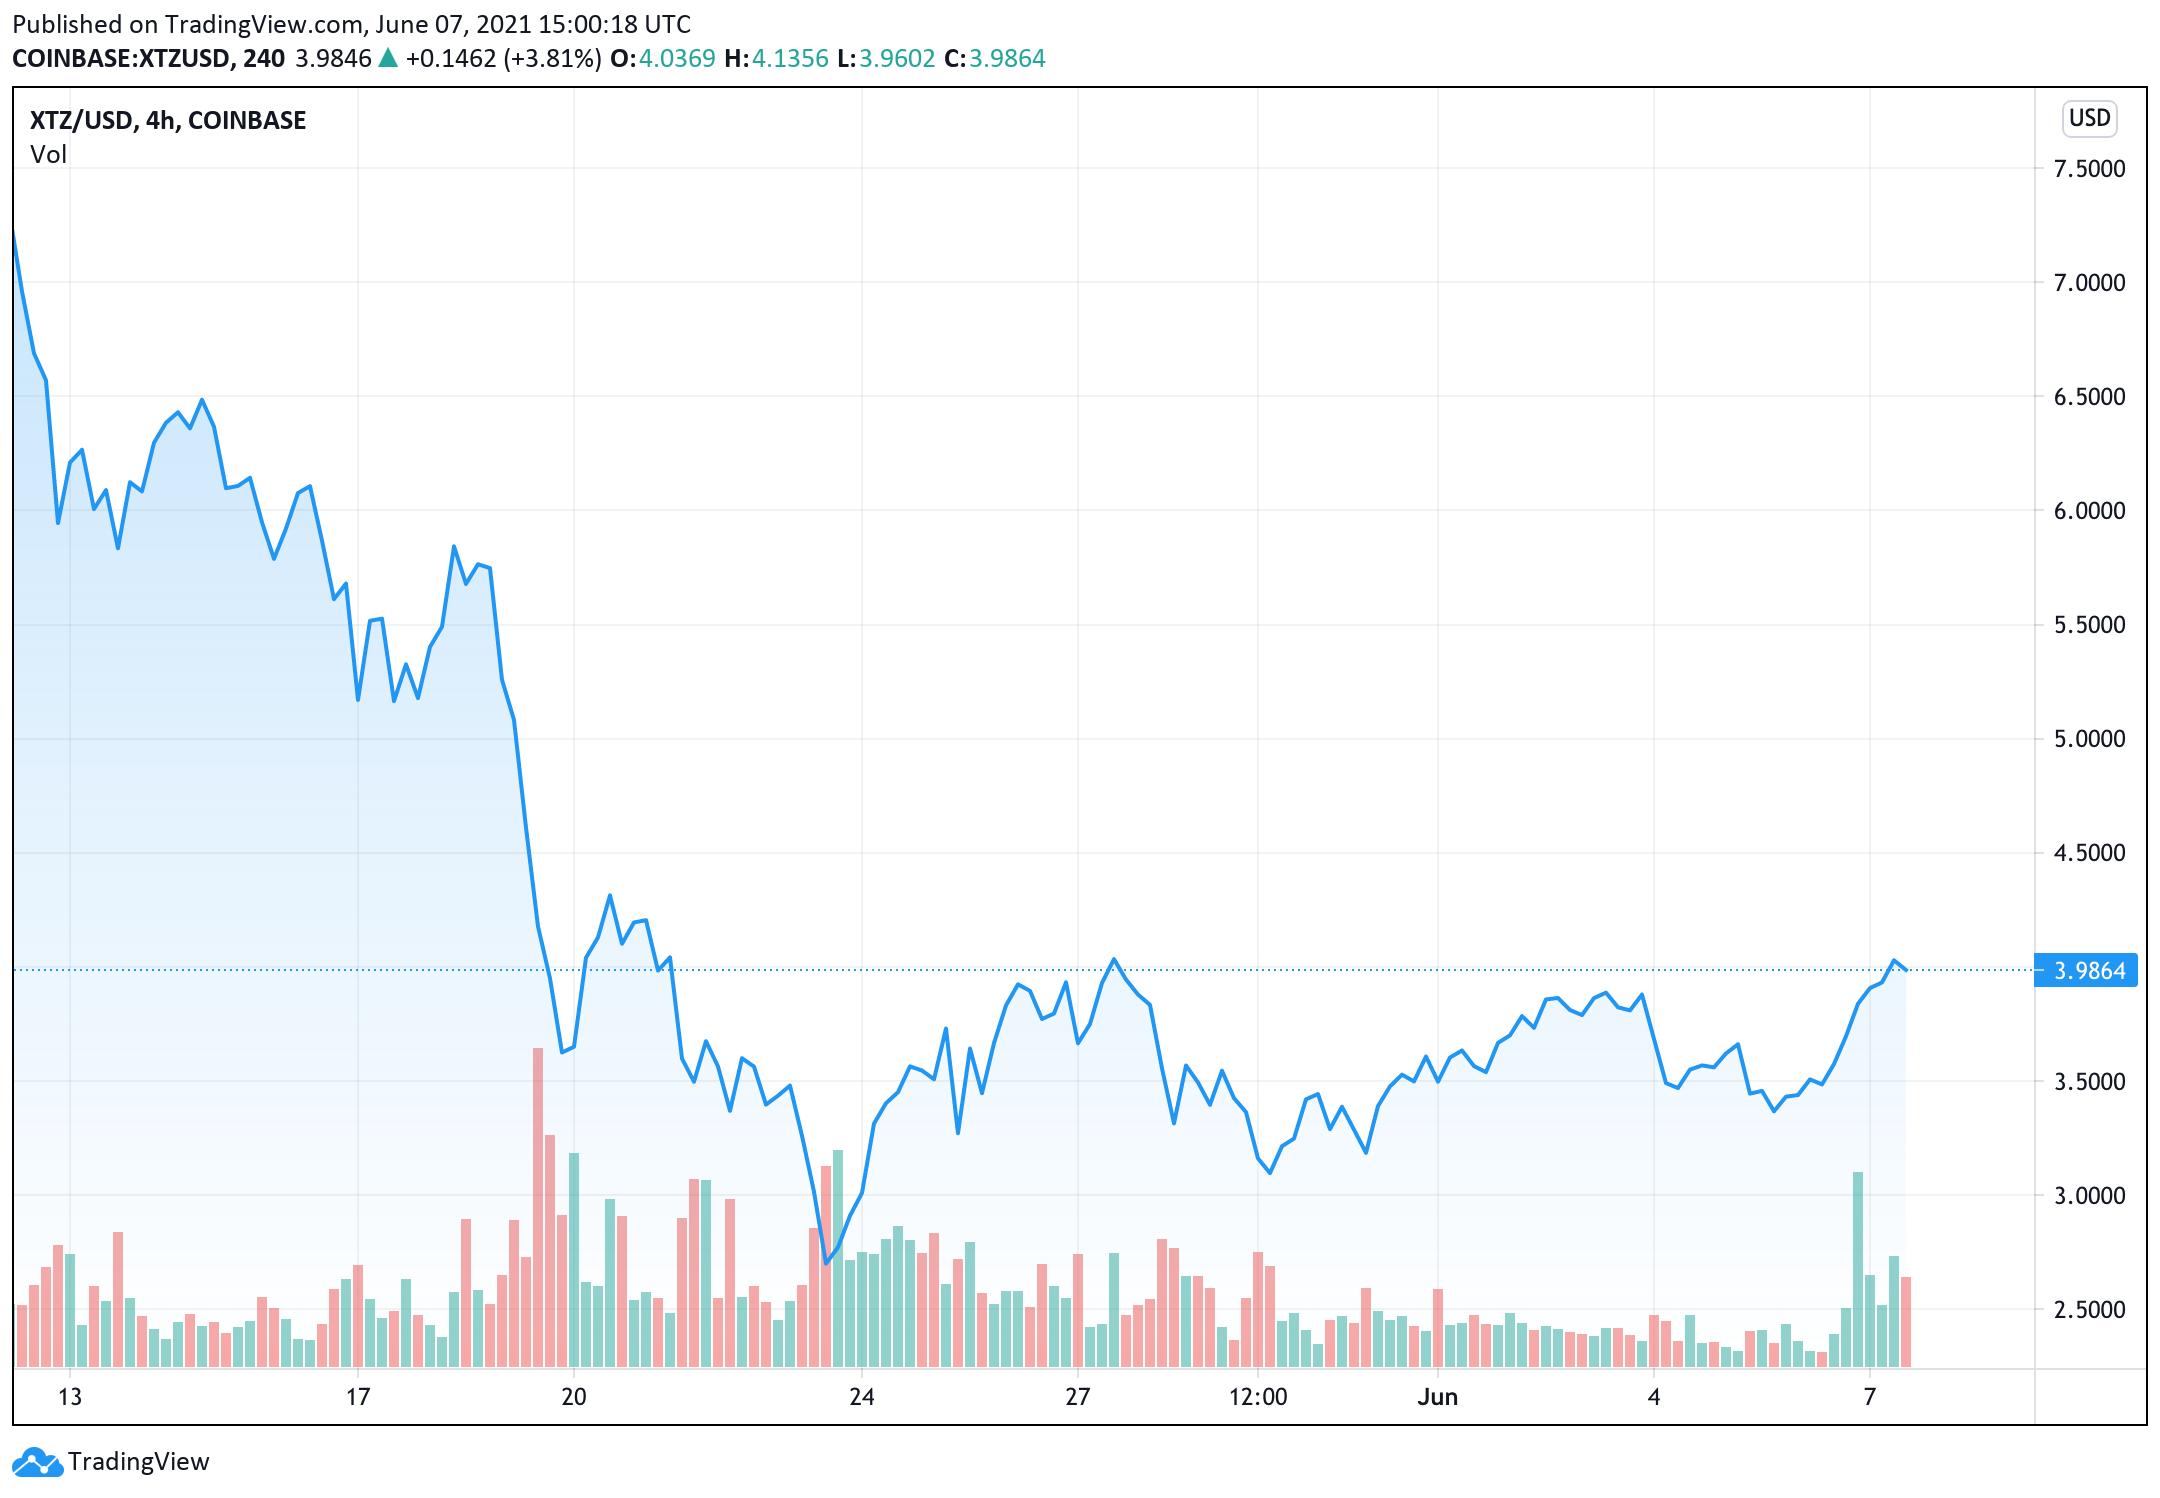 tezos-giá-đã-tăng-17-trong-24-giờ-qua-thị-trường-vốn-là-đạt-ở-3-4-tỷ-